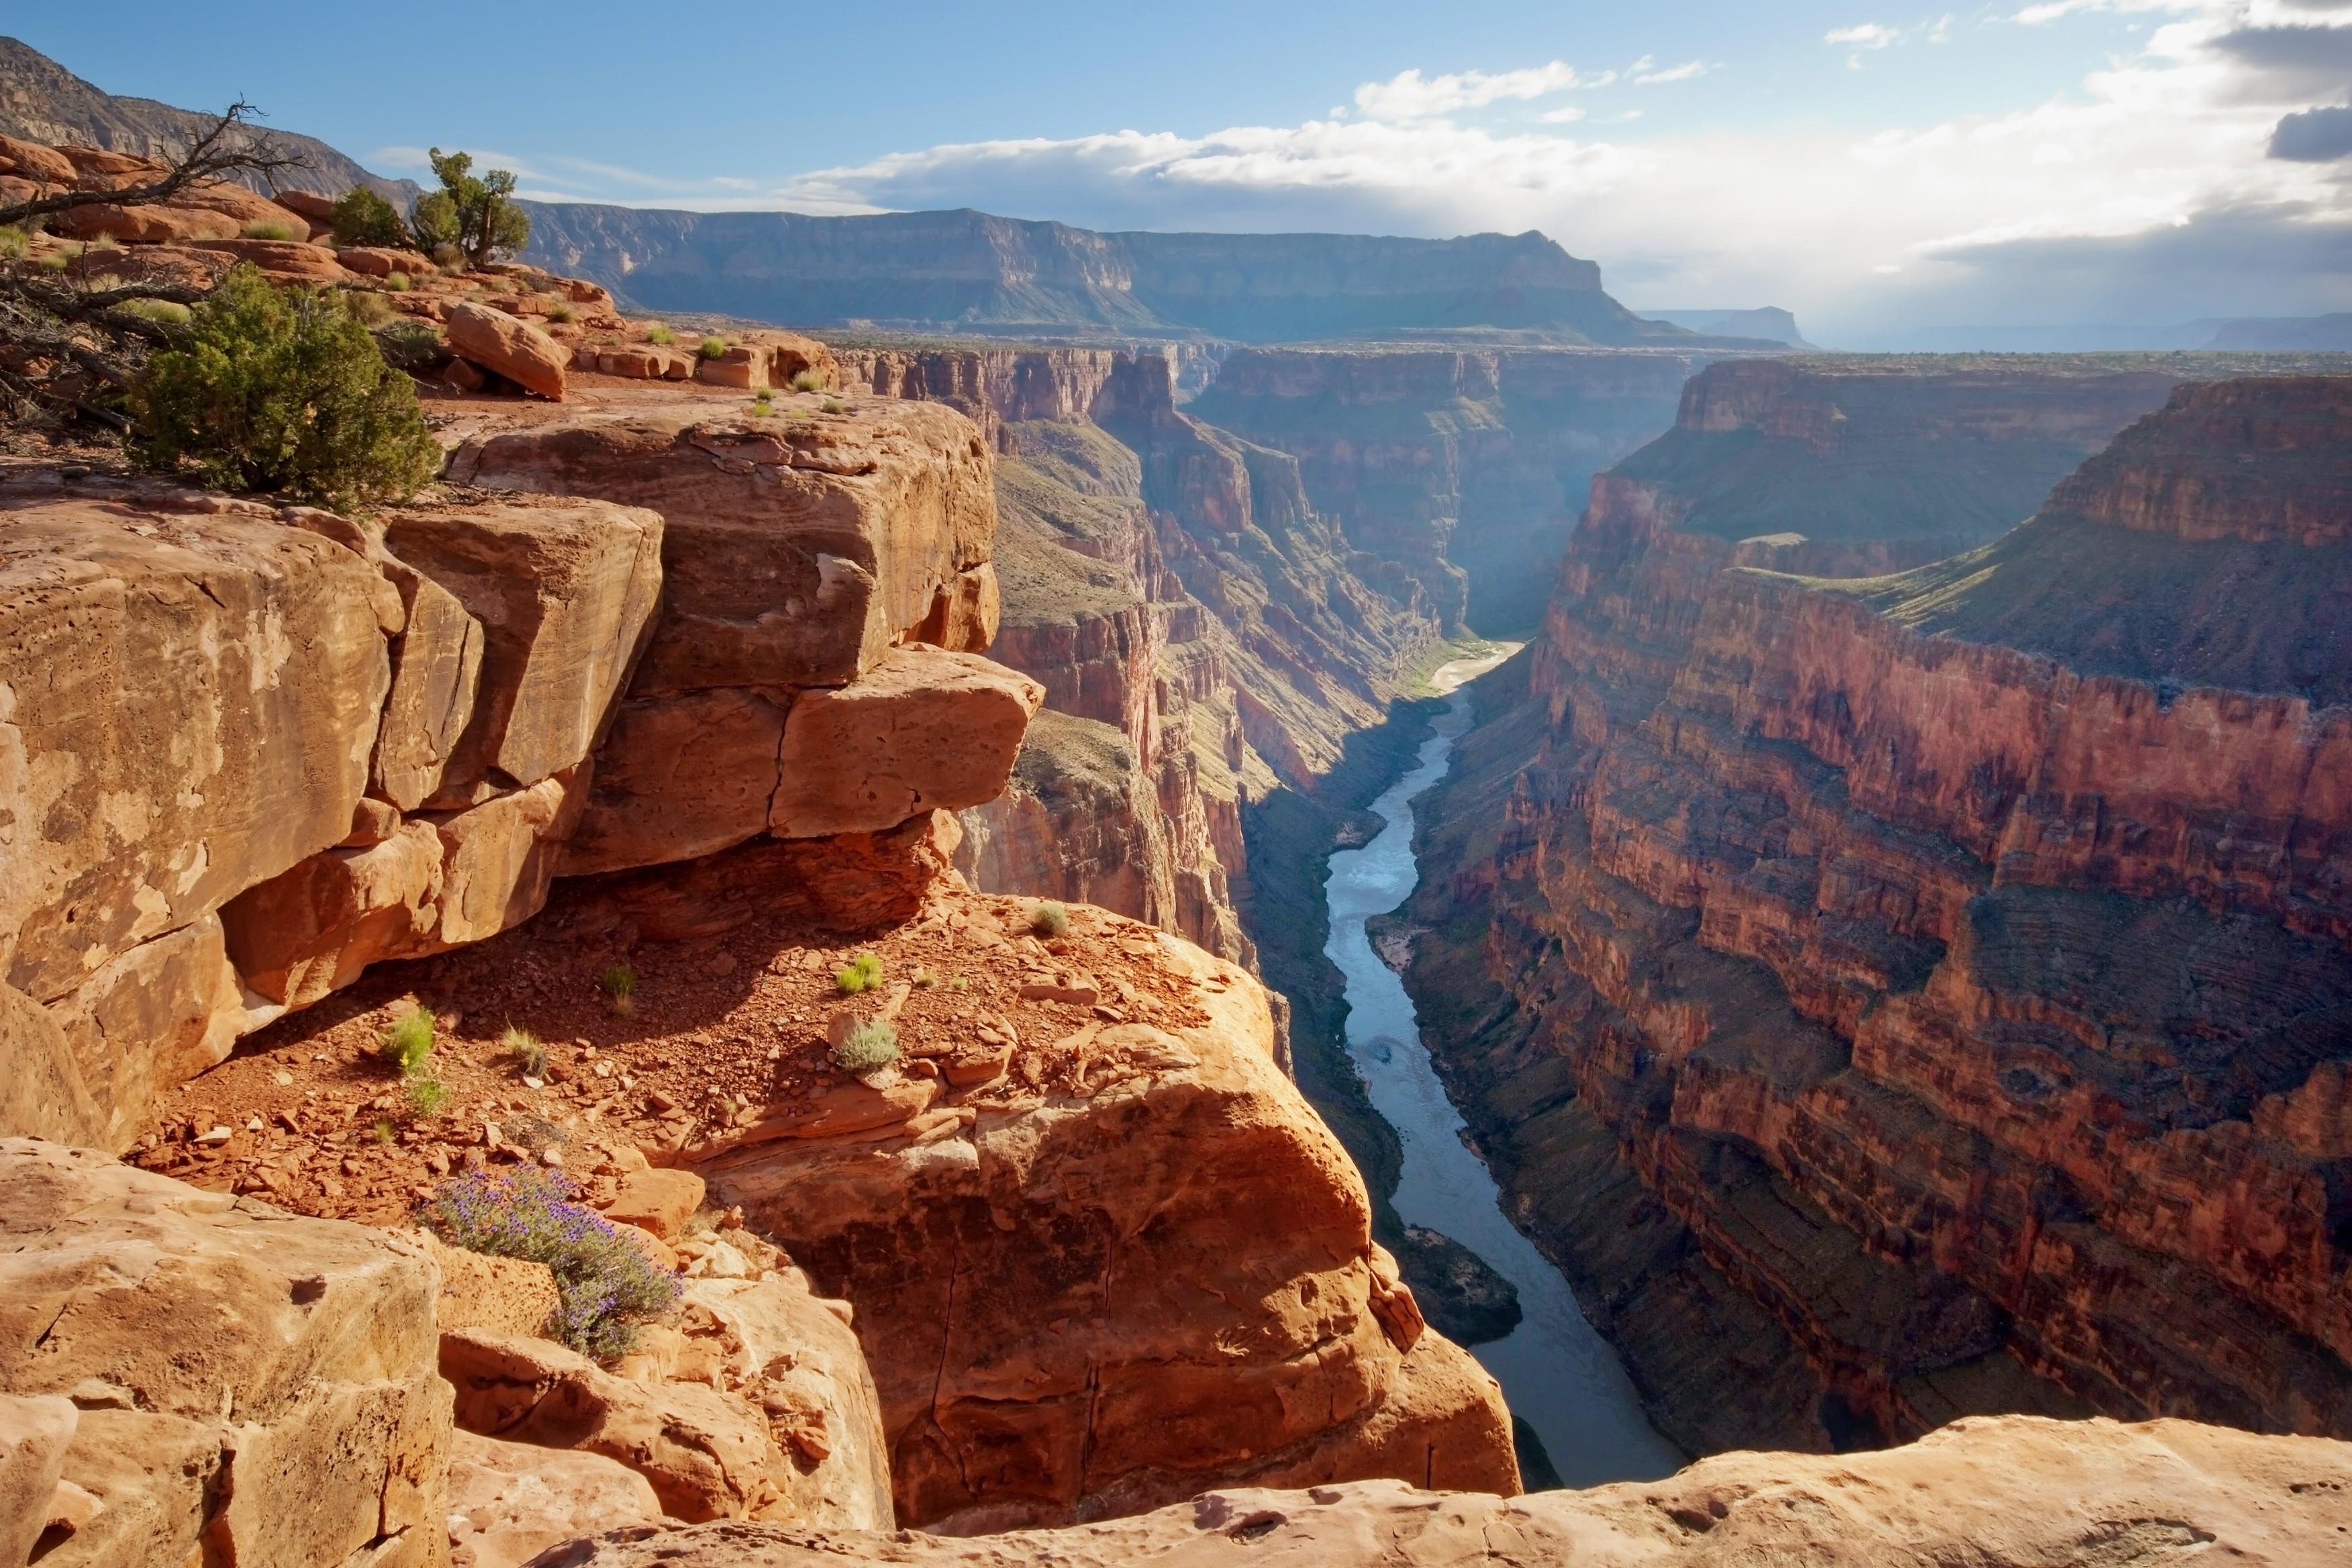 большой каньон сша фото пришли восторг